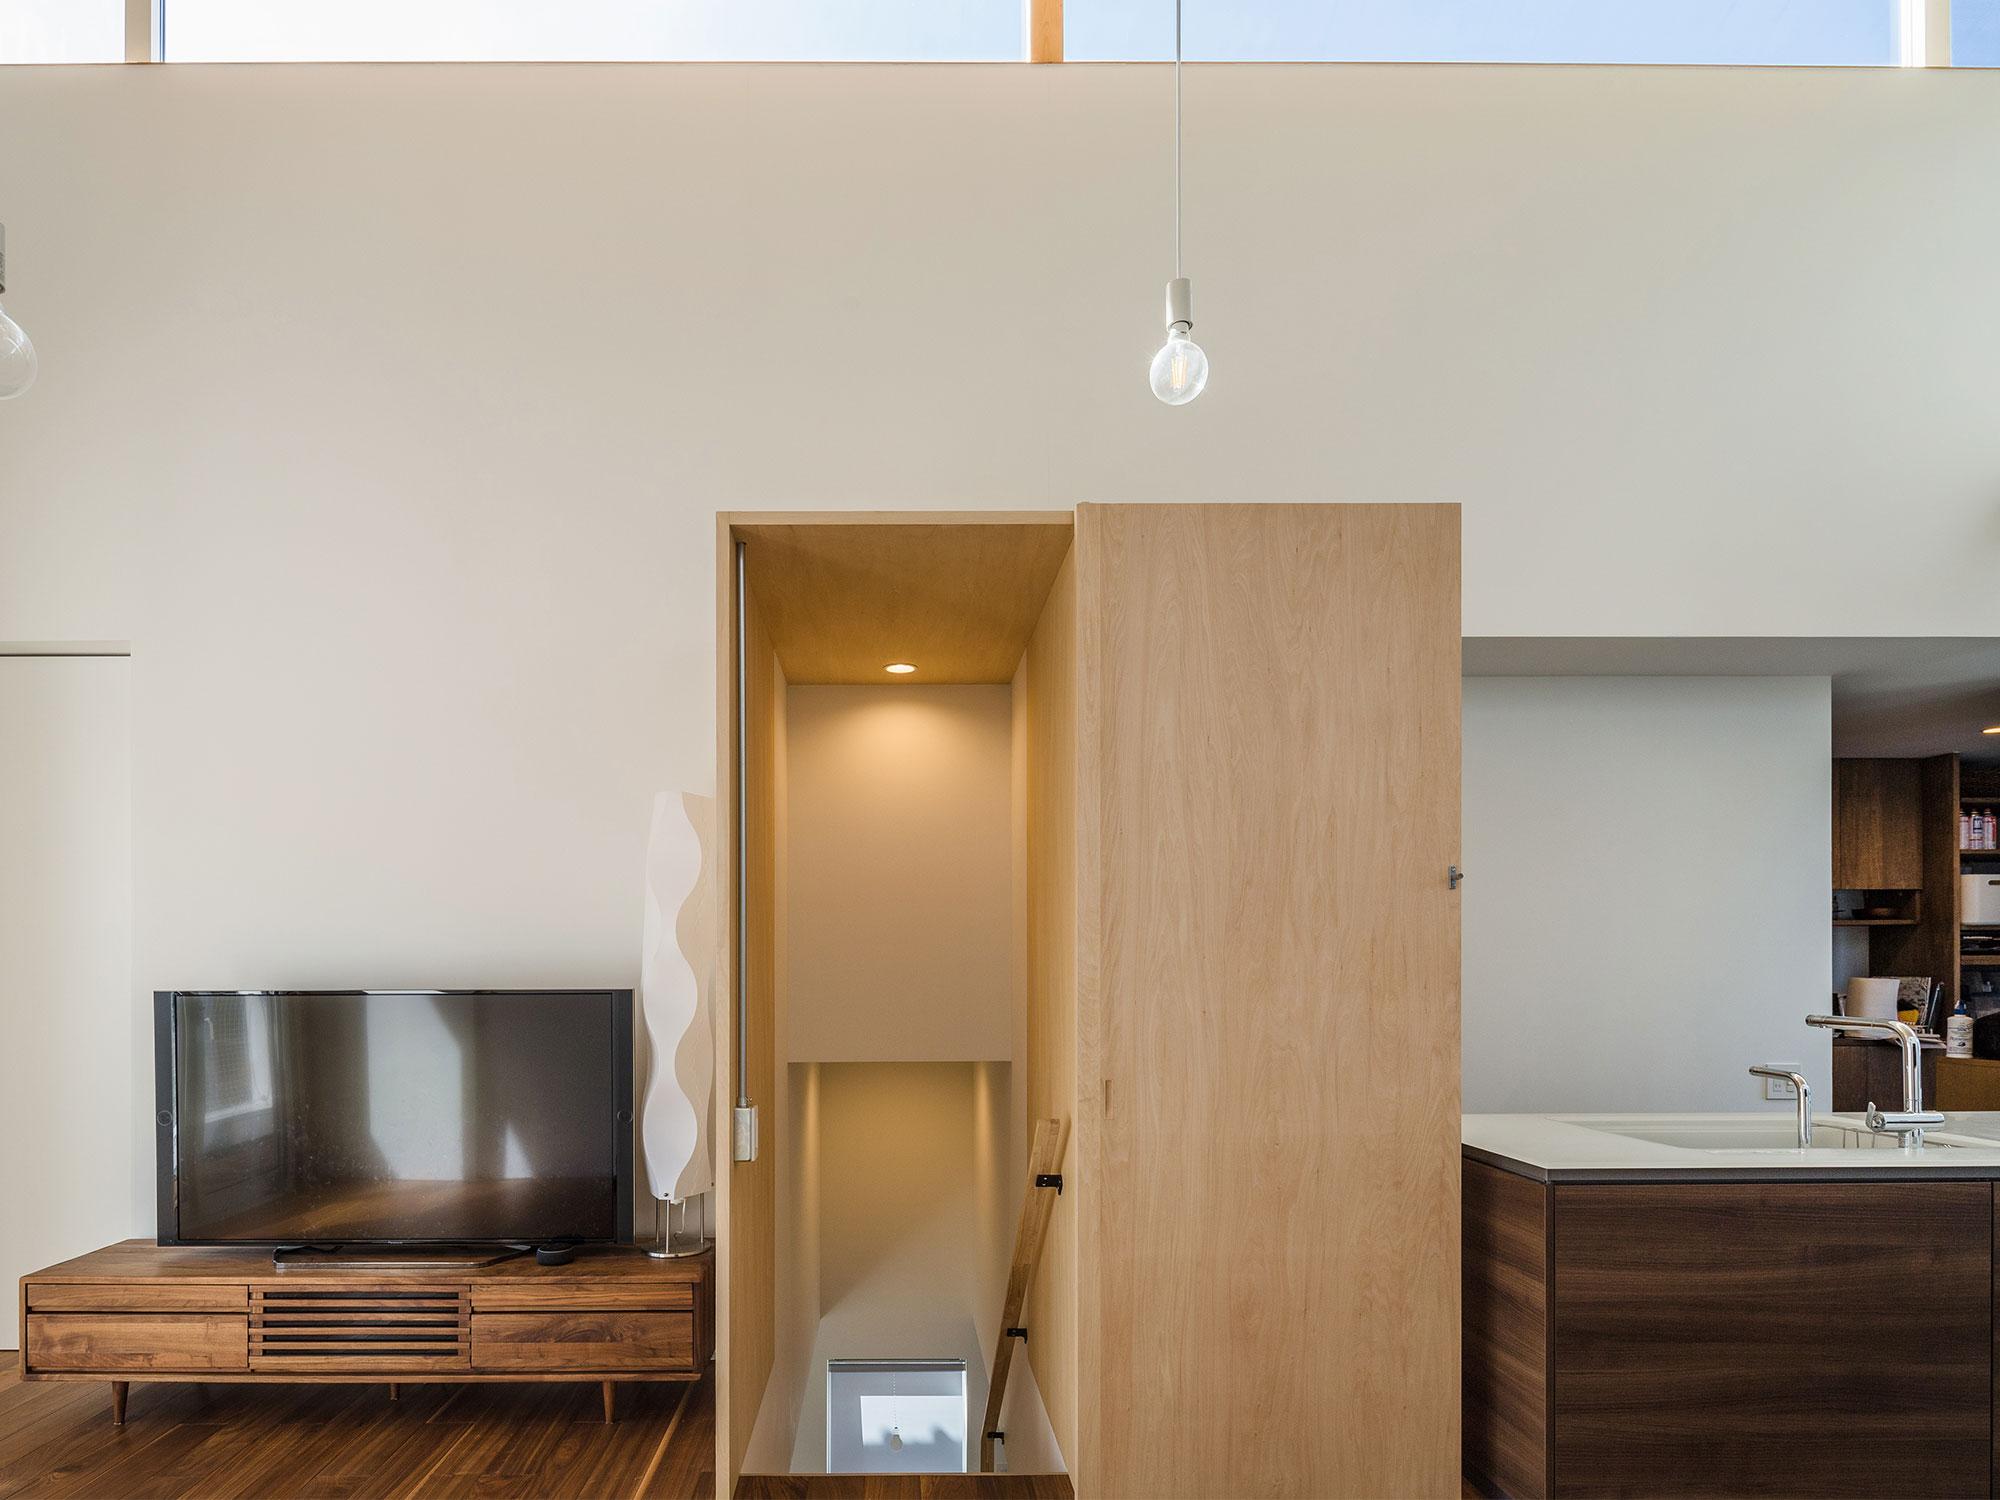 ツミキの家10|愛知県みよし市|Natureスペース施工事例